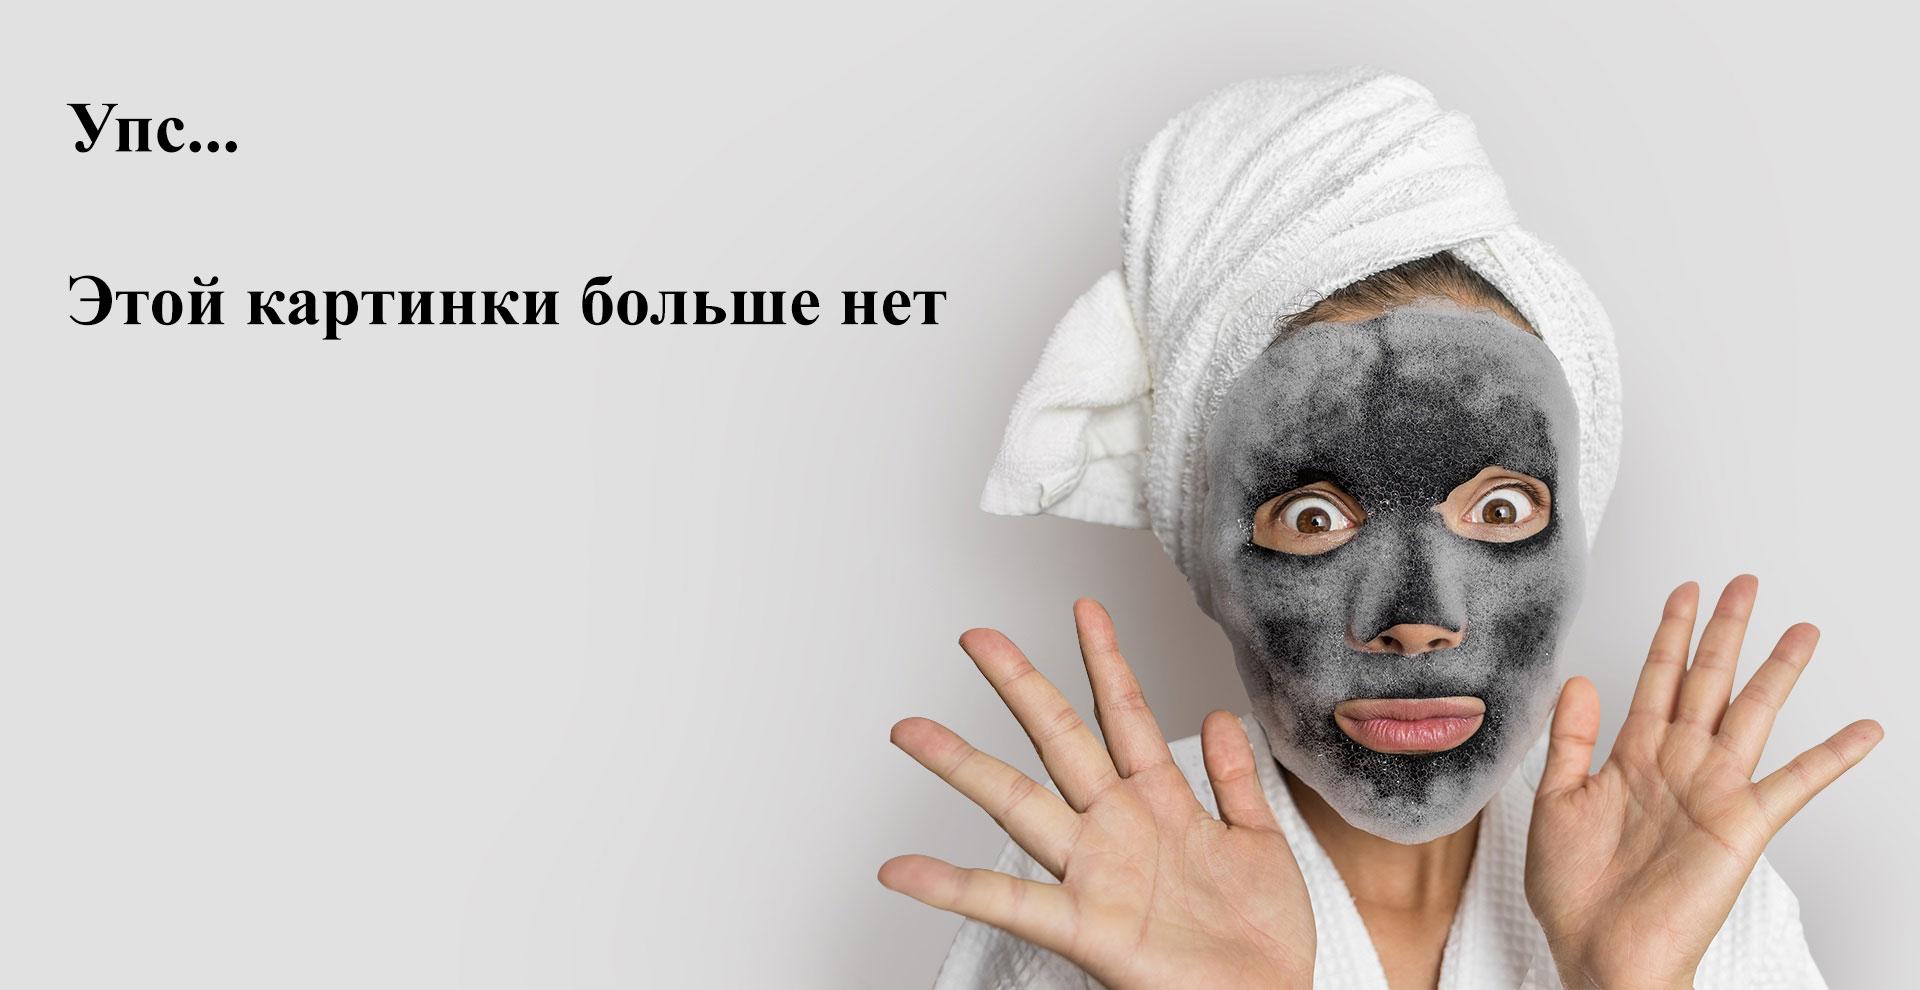 SHIK, Кремовые румяна Perfect Liquid, тон 04